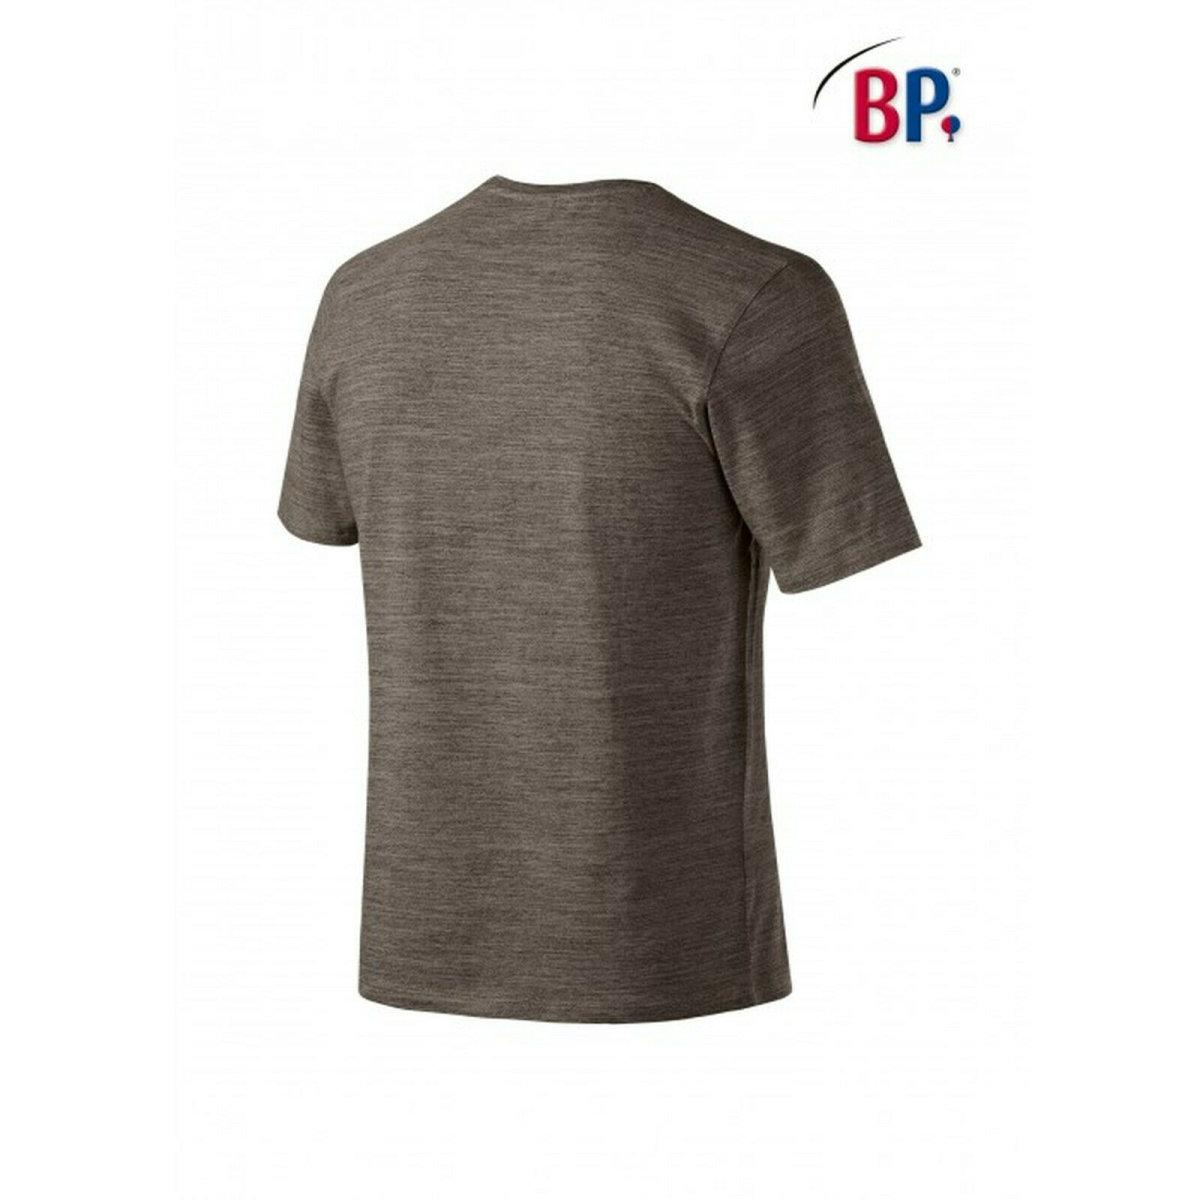 BP Workwear T-Shirt für Sie & Ihn 1714 space falke modern fit Shirt Stretch L